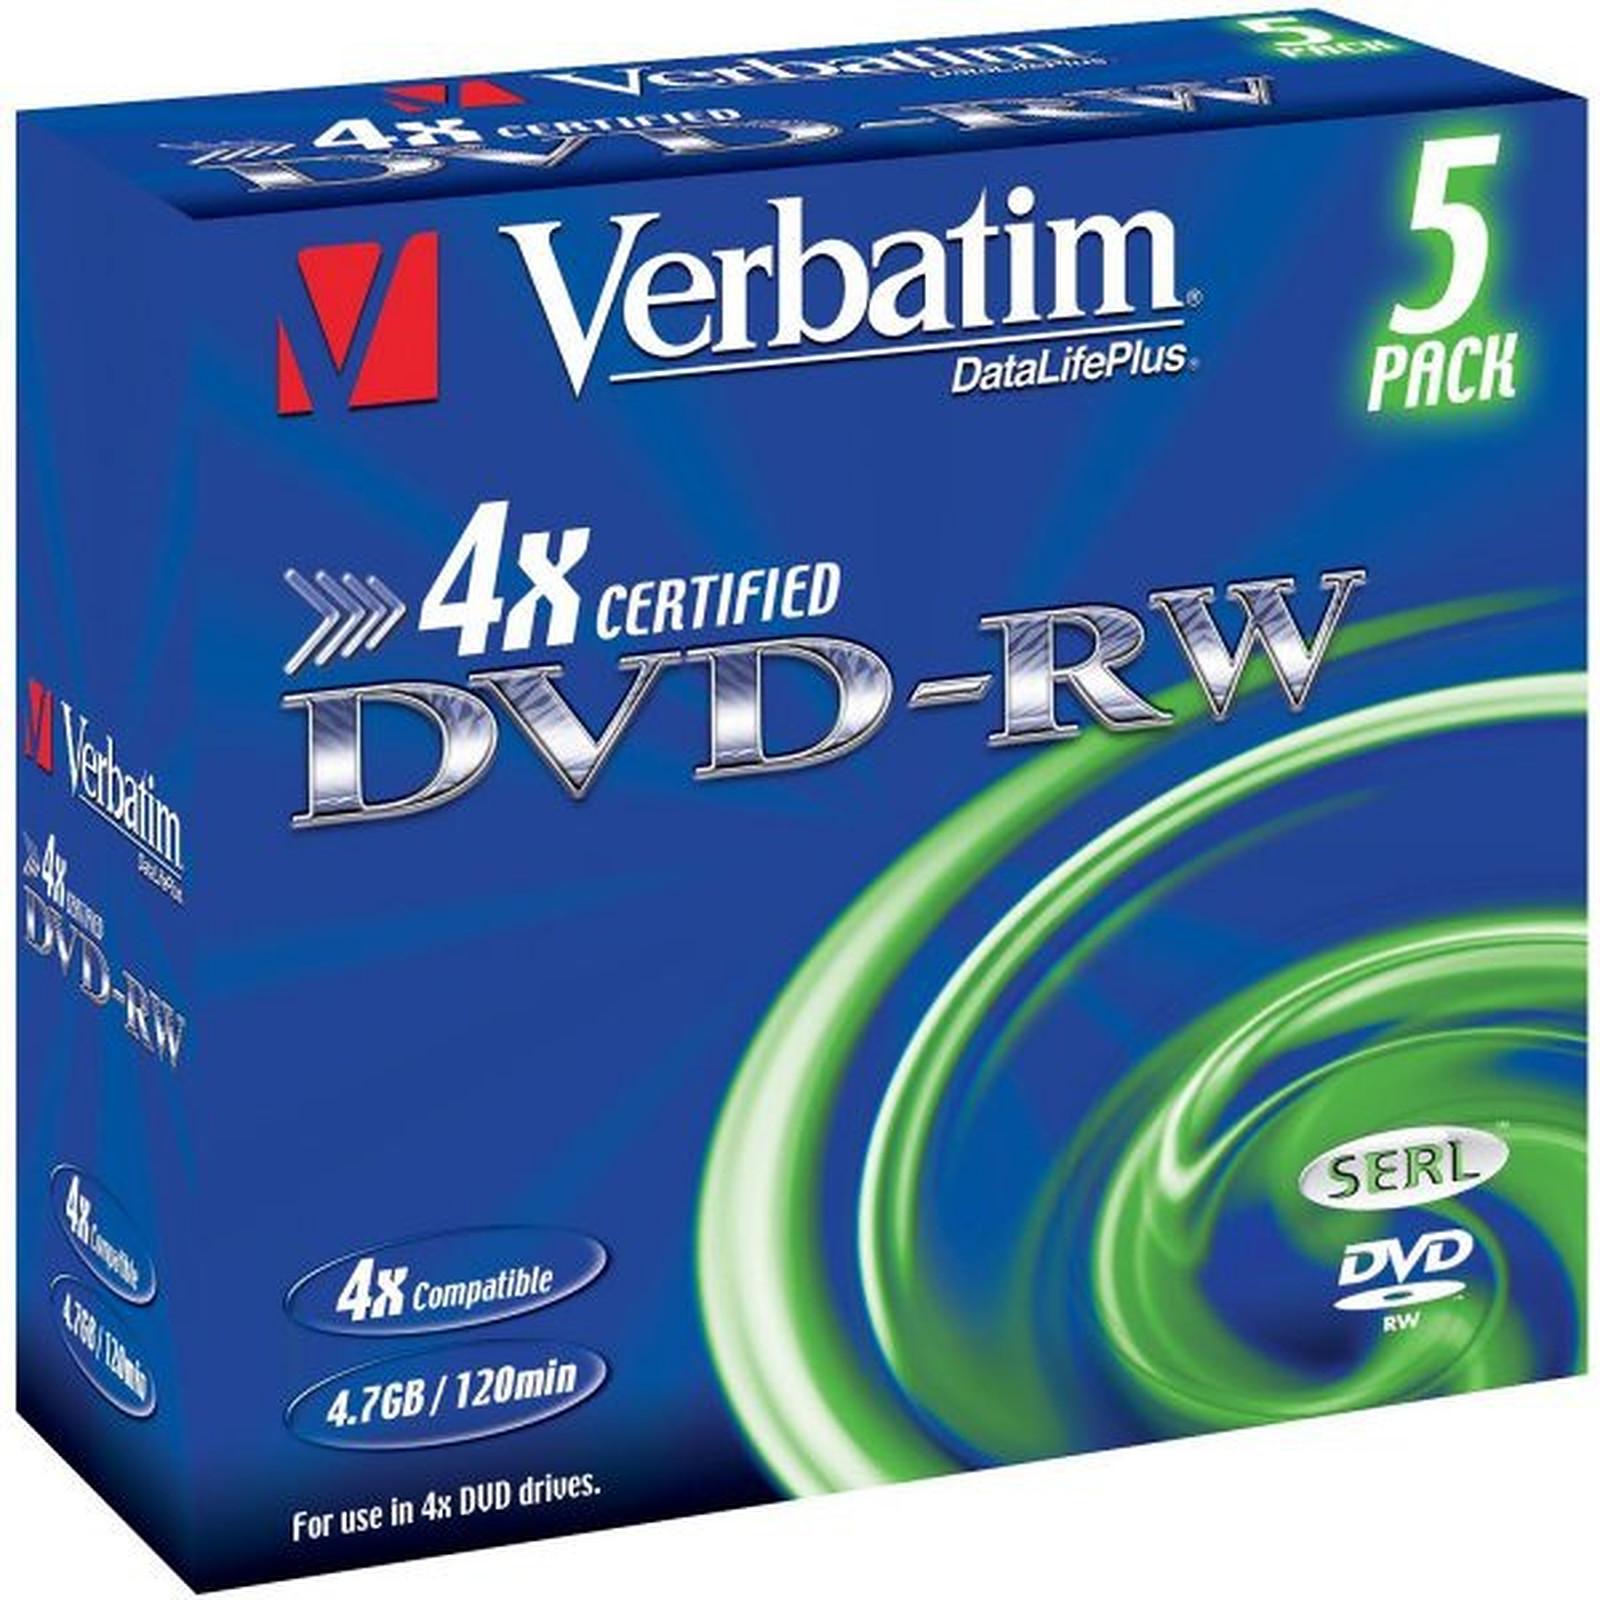 Verbatim DVD-RW 4.7 Go 4x (par 5, boite)